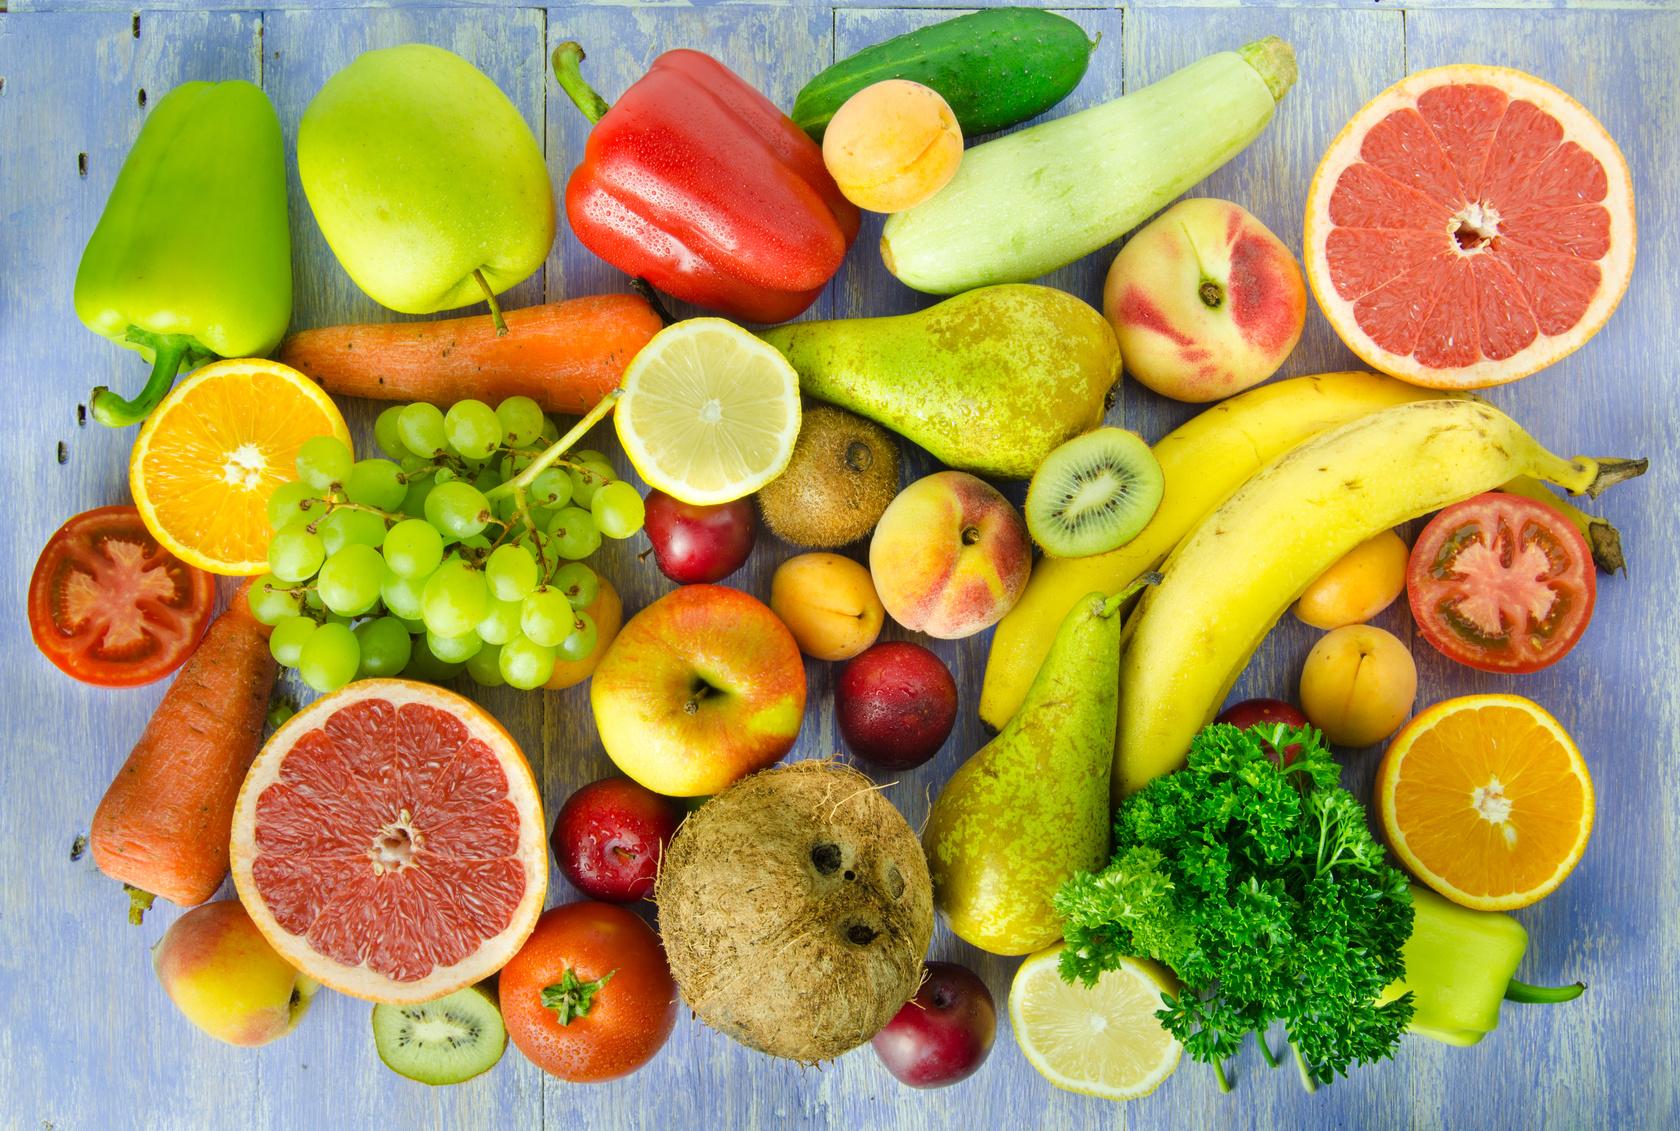 Frutta e verdura in italia solo 11 9 consuma le 5 porzioni - Immagine di frutta e verdura ...